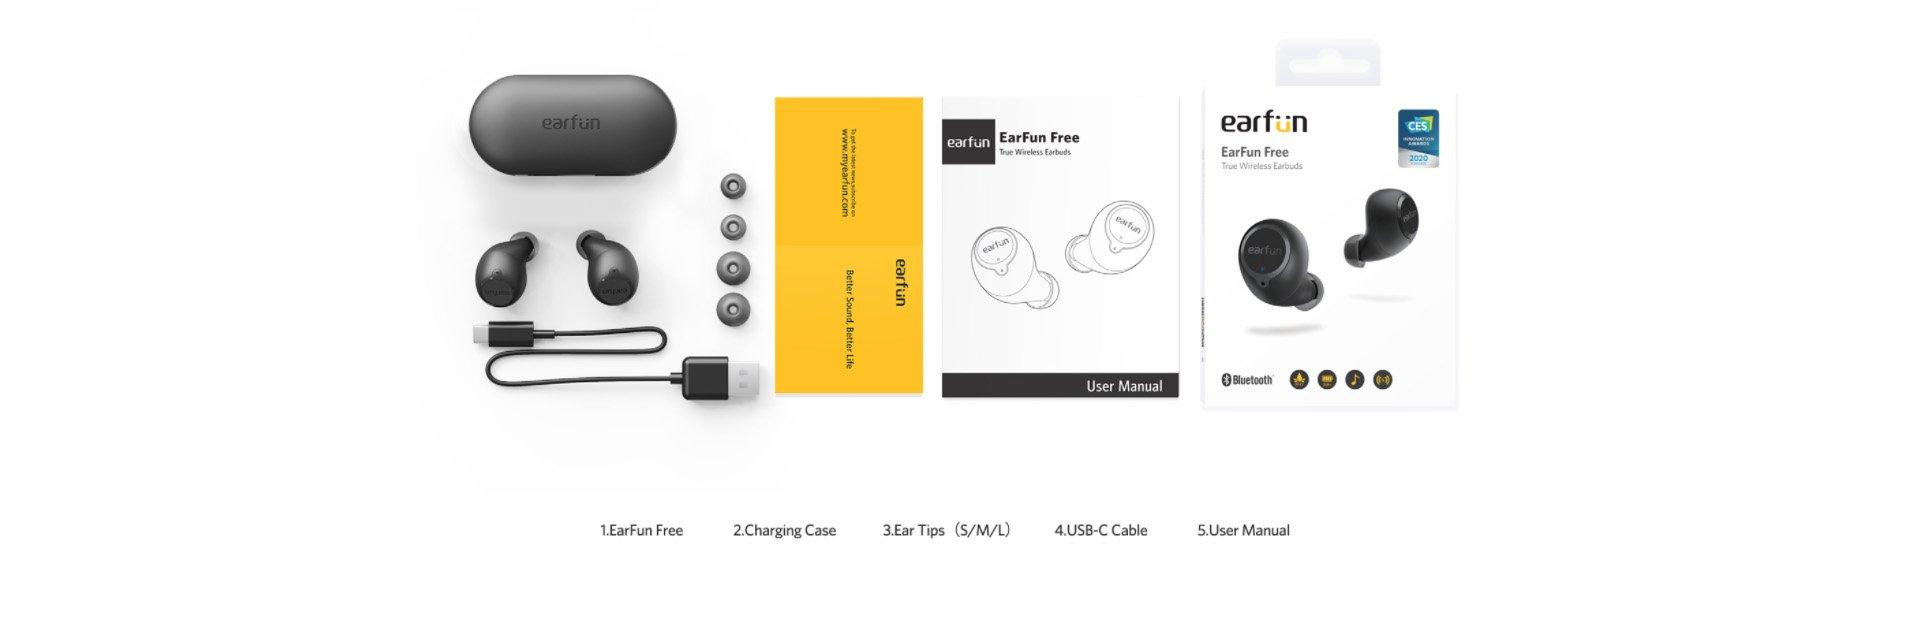 earfun free wireless earbuds 5